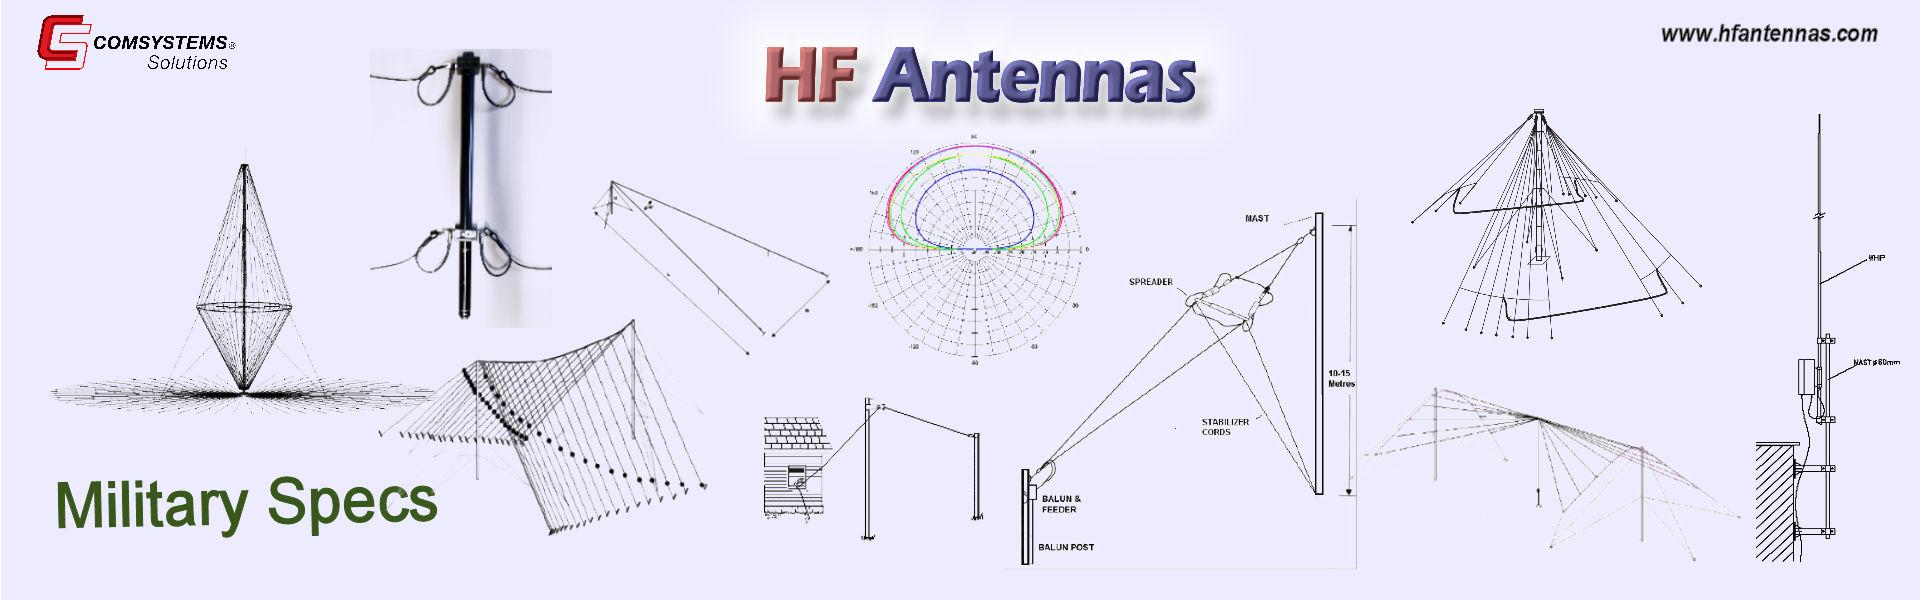 Banner_hfantennas 2020.jpg